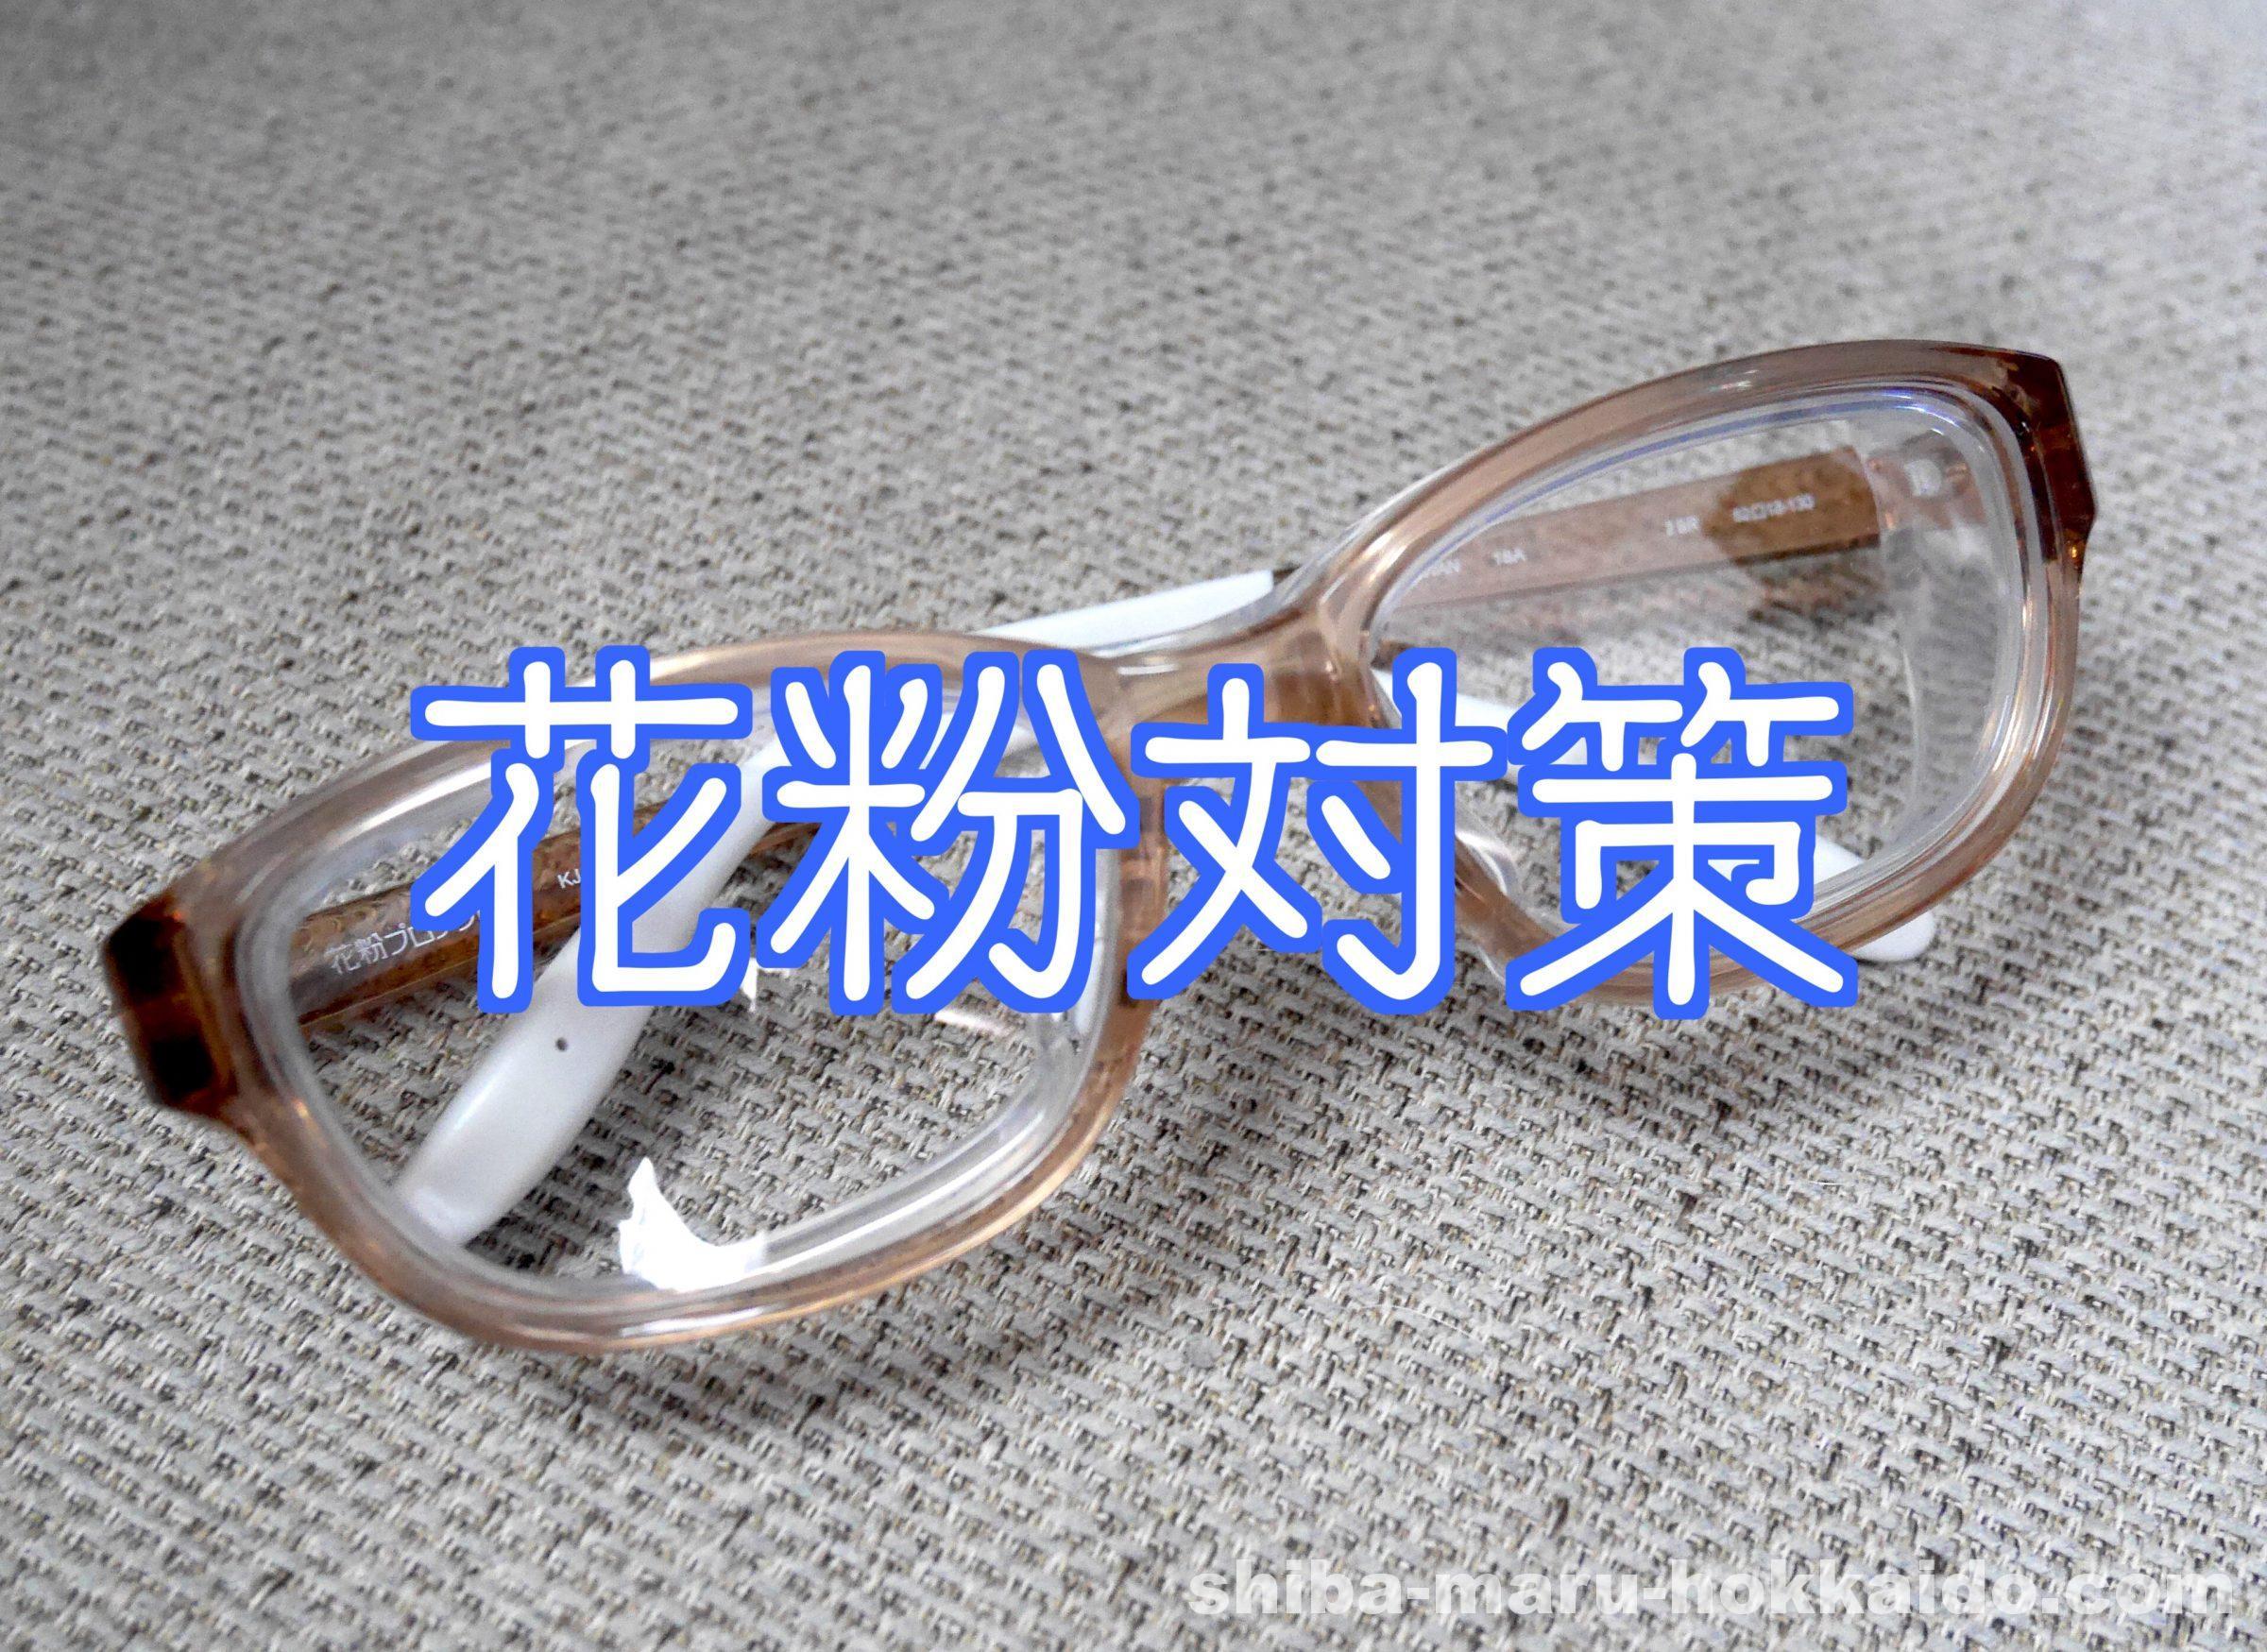 眼鏡市場の花粉プロテクトメガネ(KJ-10)を買ってみたので感想を述べる!